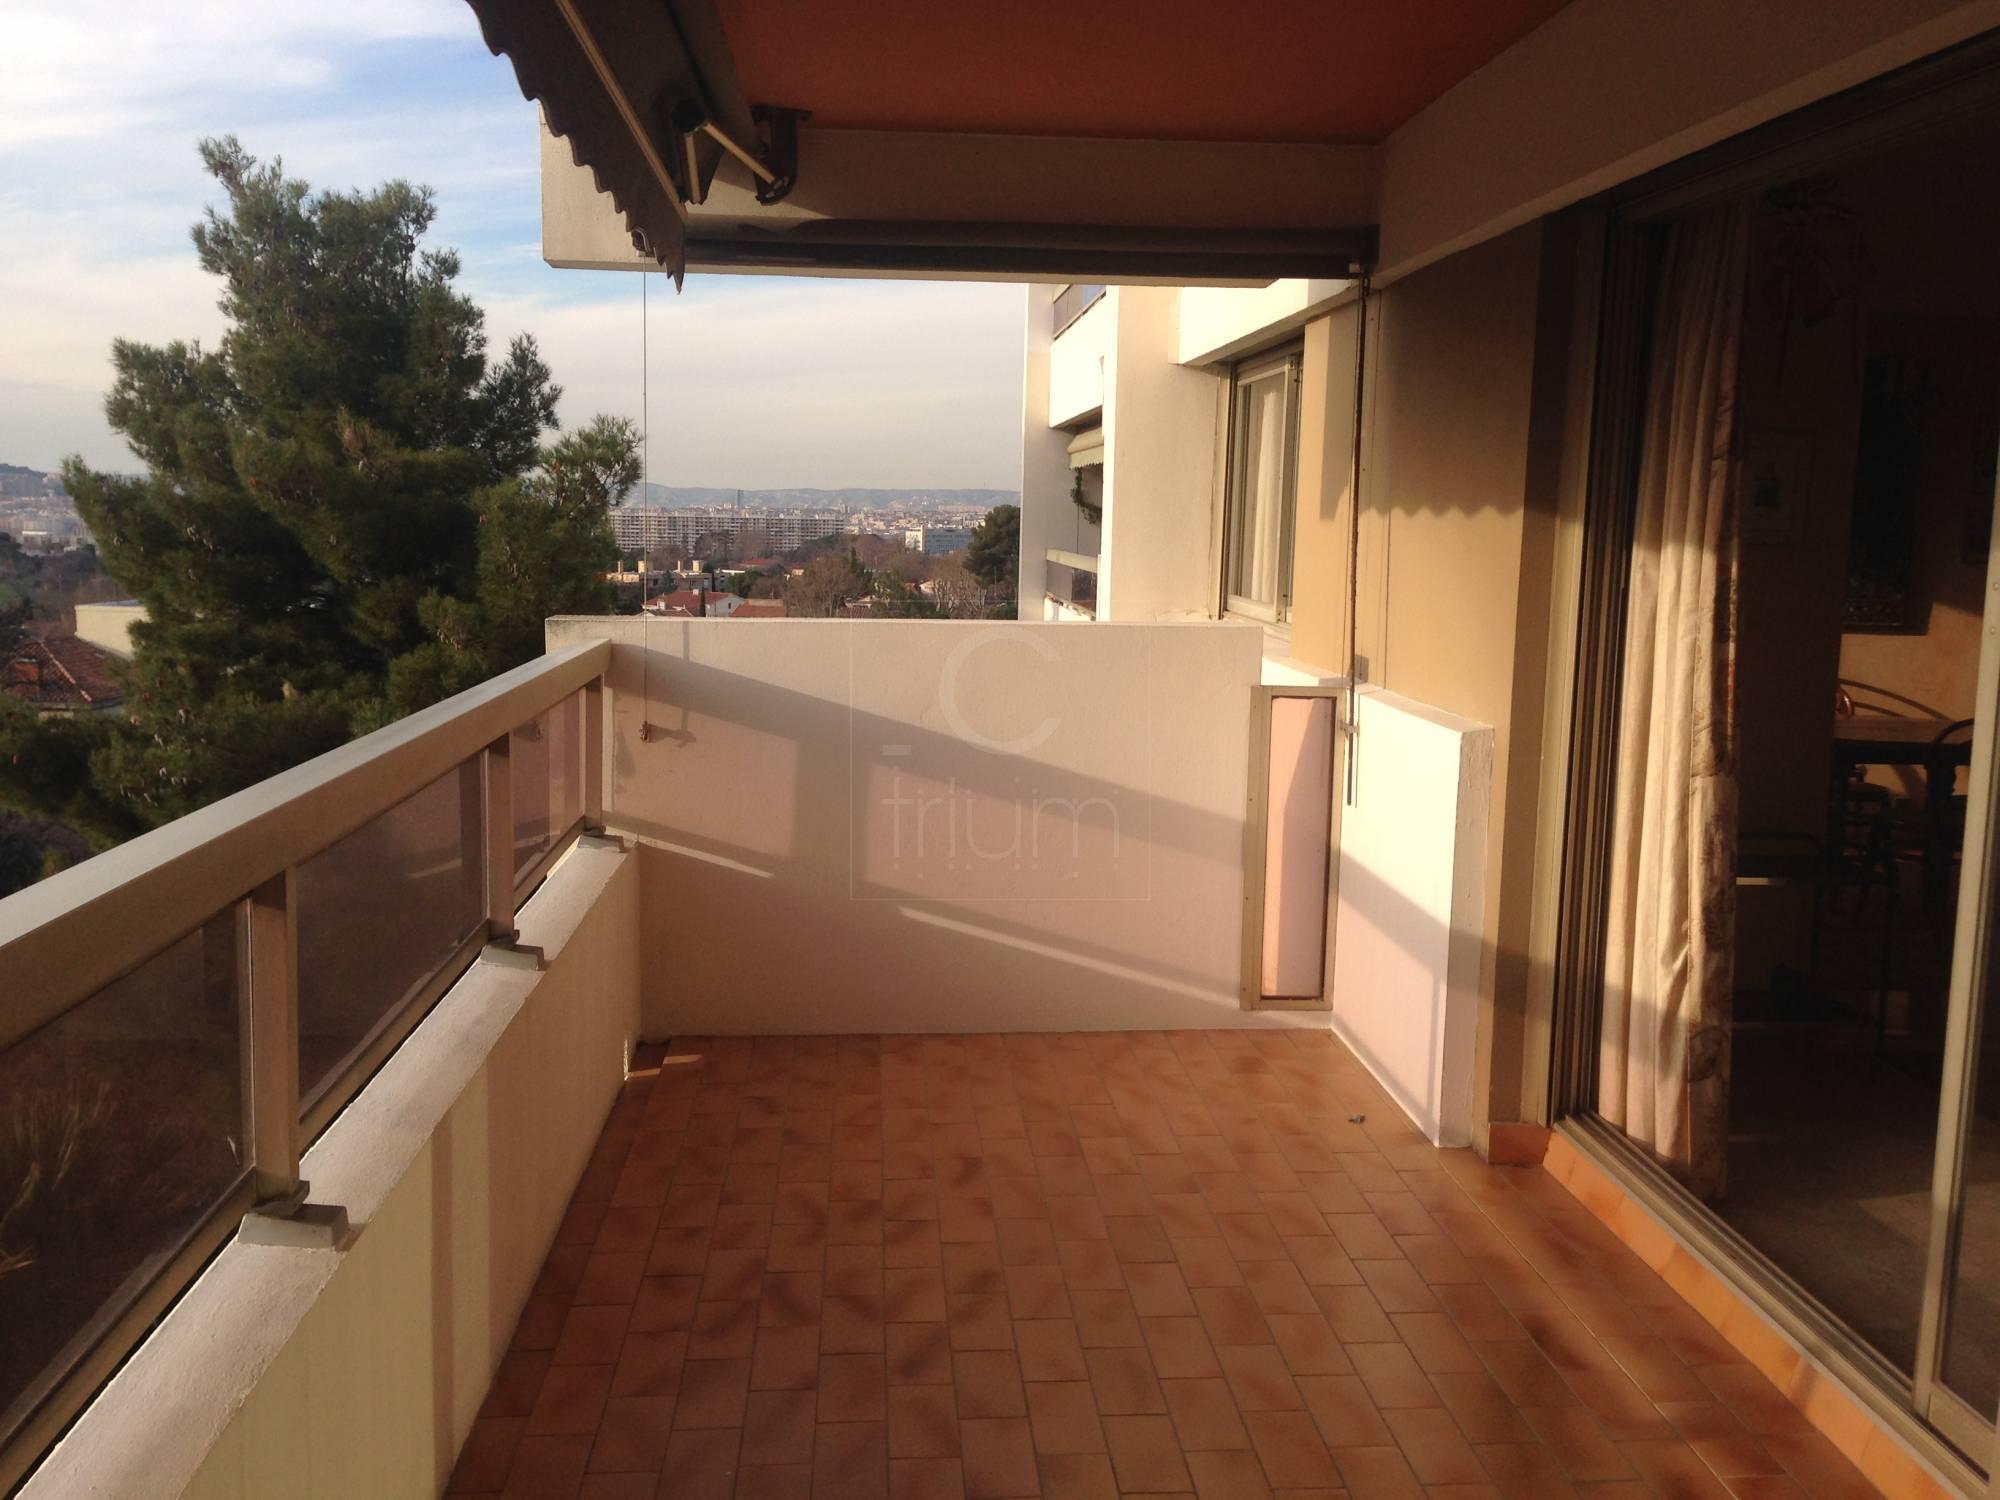 Appartement terrasse marseille vente appartement t3 4 f3 for Vente appartement marseille 13005 terrasse